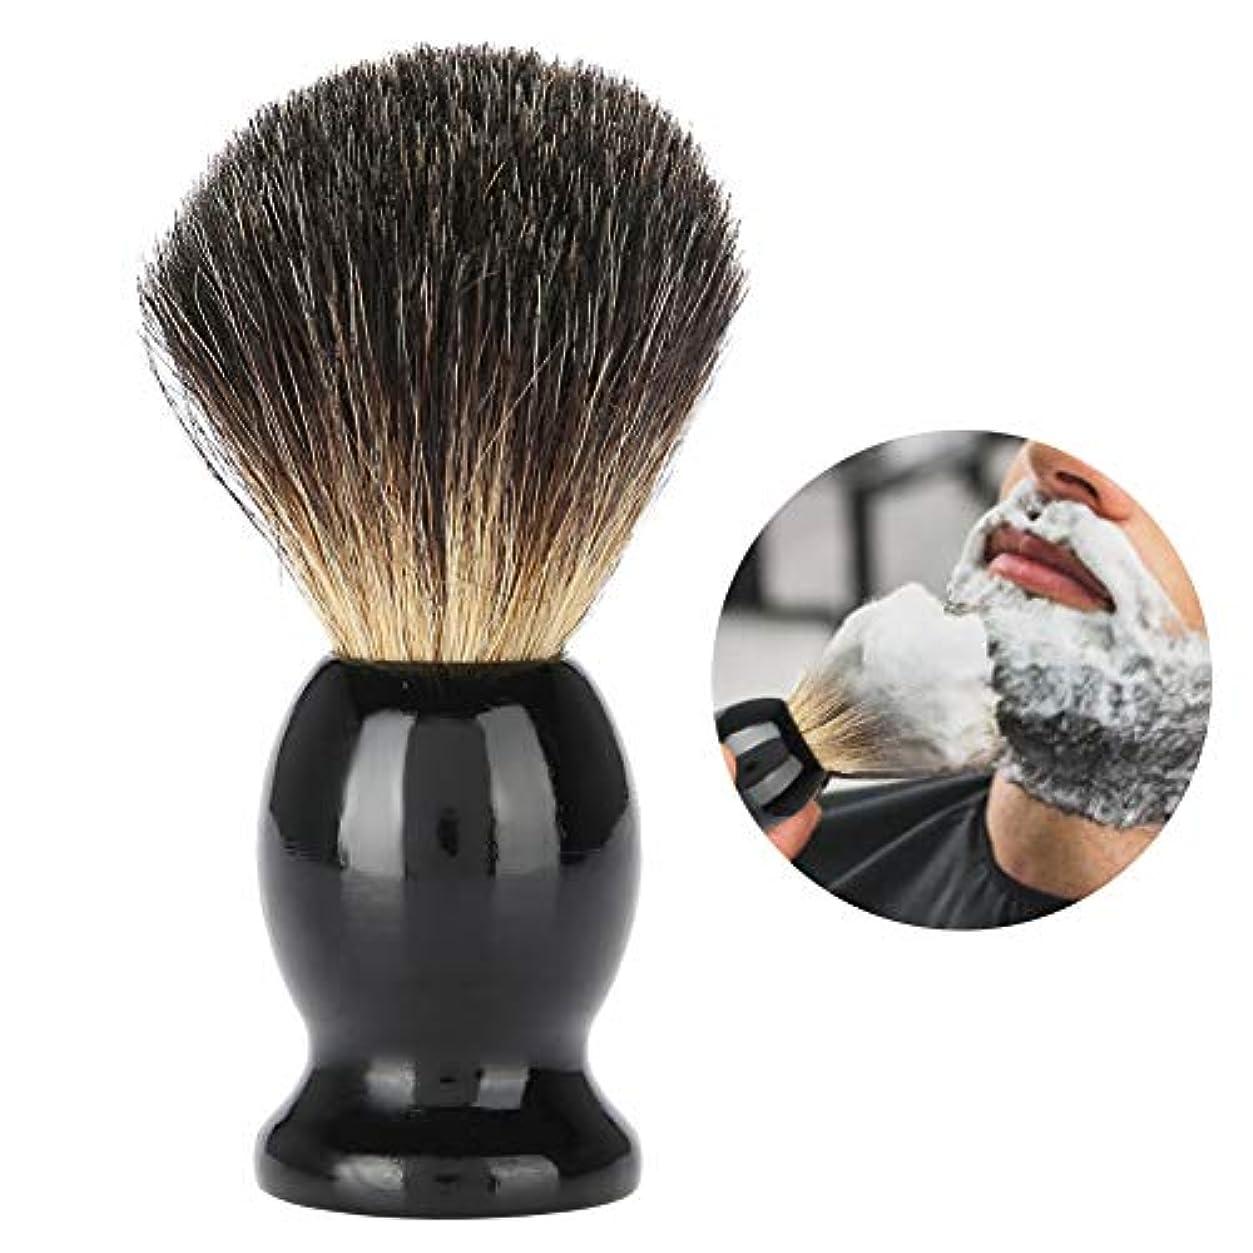 同行する入札スムーズにYuyteポータブル男性ウッドハンドル髭剃りブラシ理髪店サロンツール